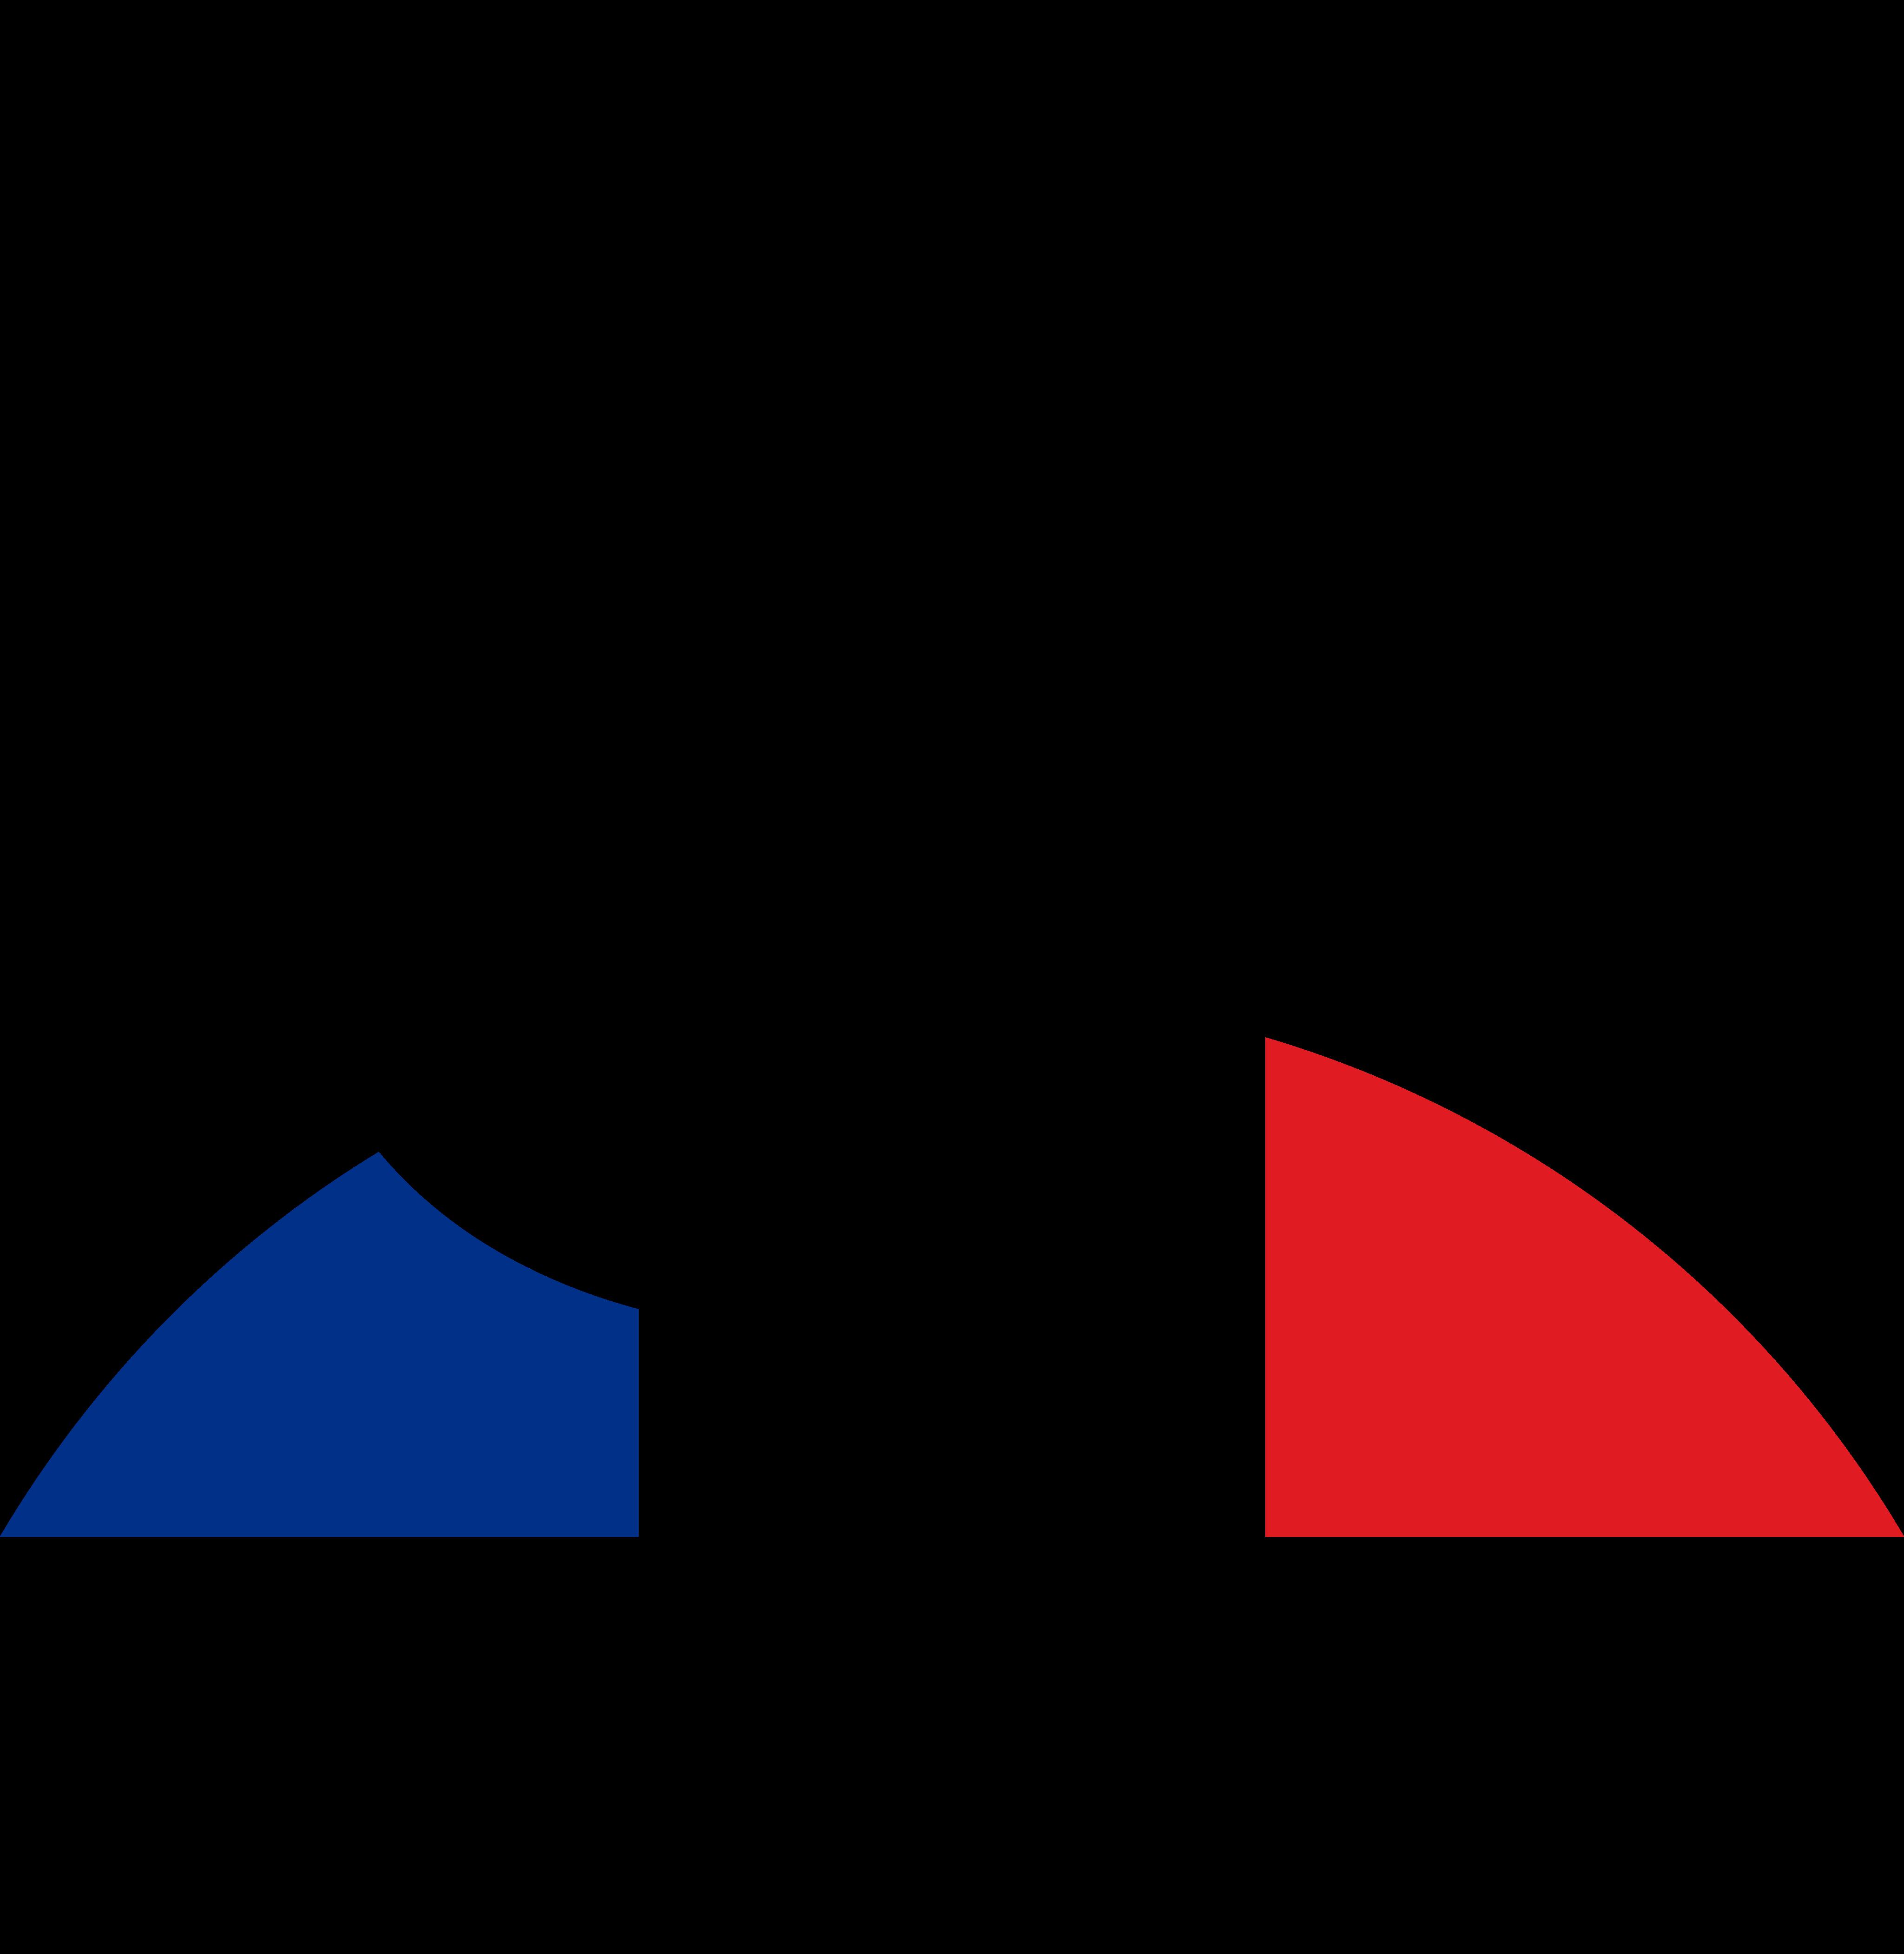 Le Coq Sportif Logo.